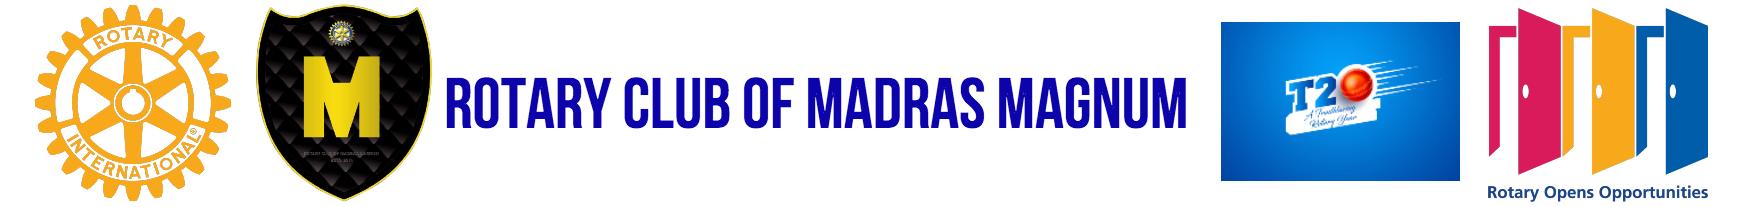 Rotary Madras Magnum